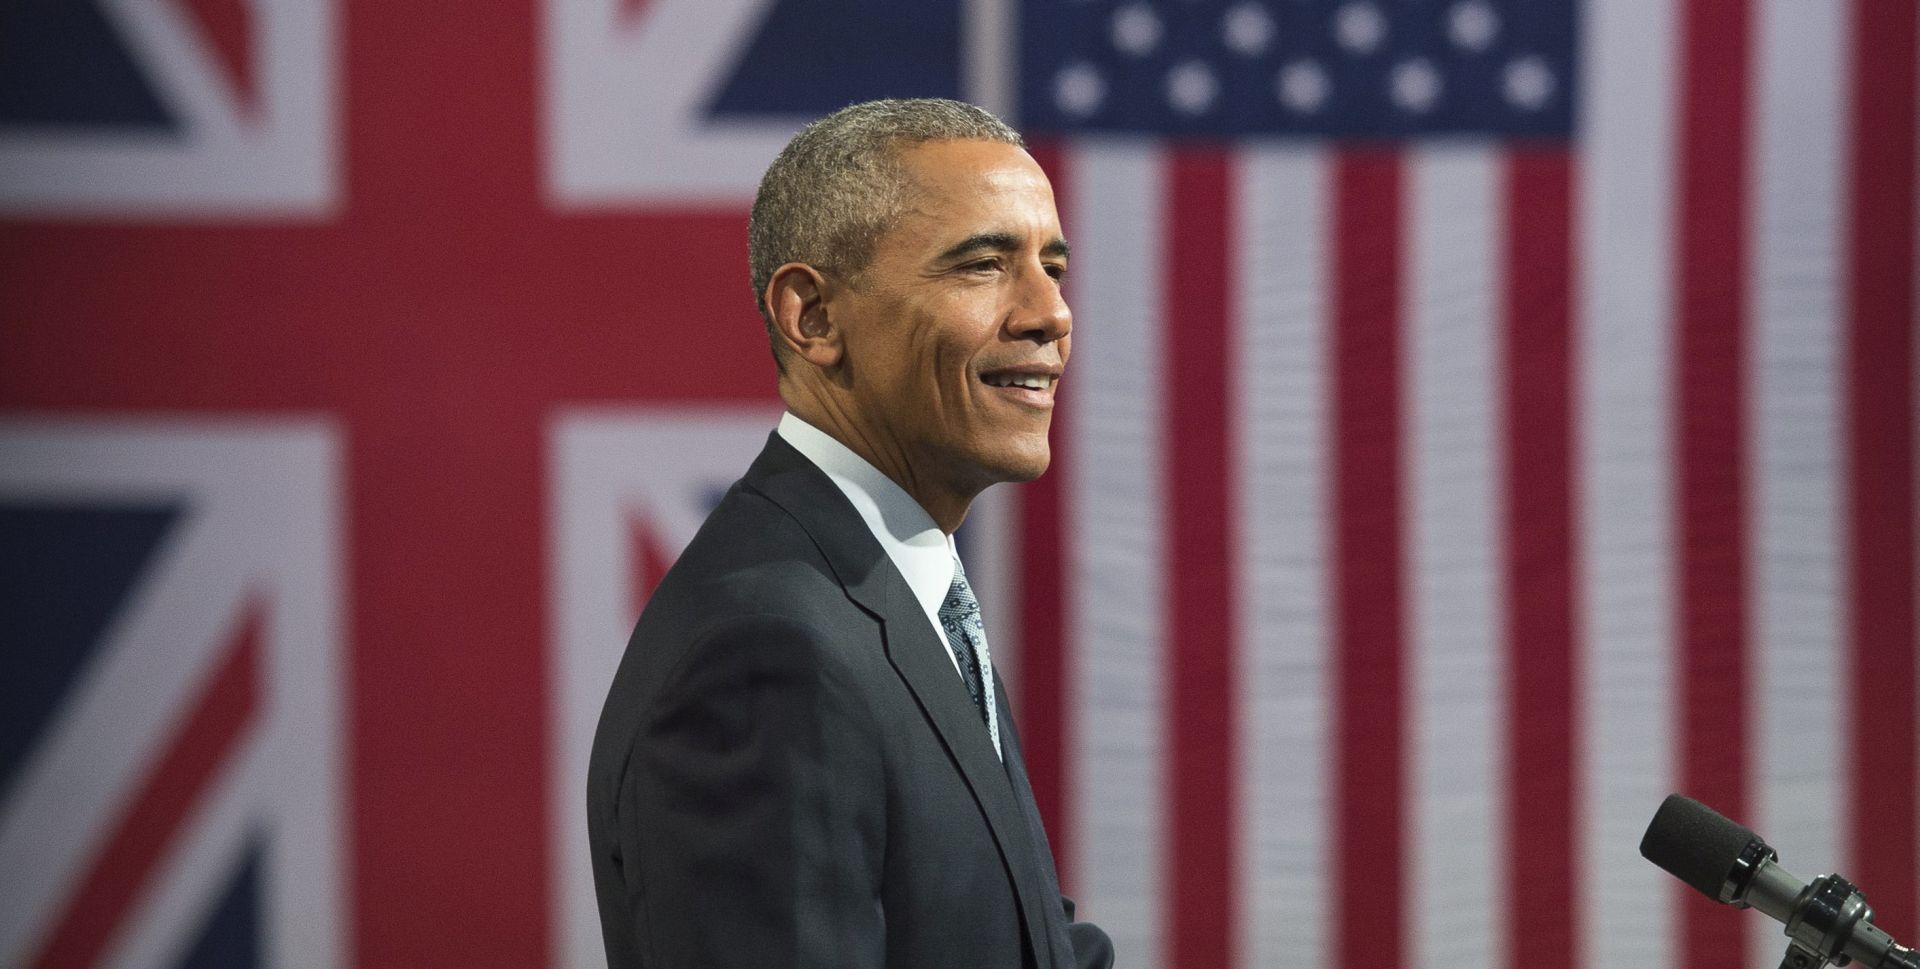 Obama posjetio Shakespearovo kazalište u Londonu